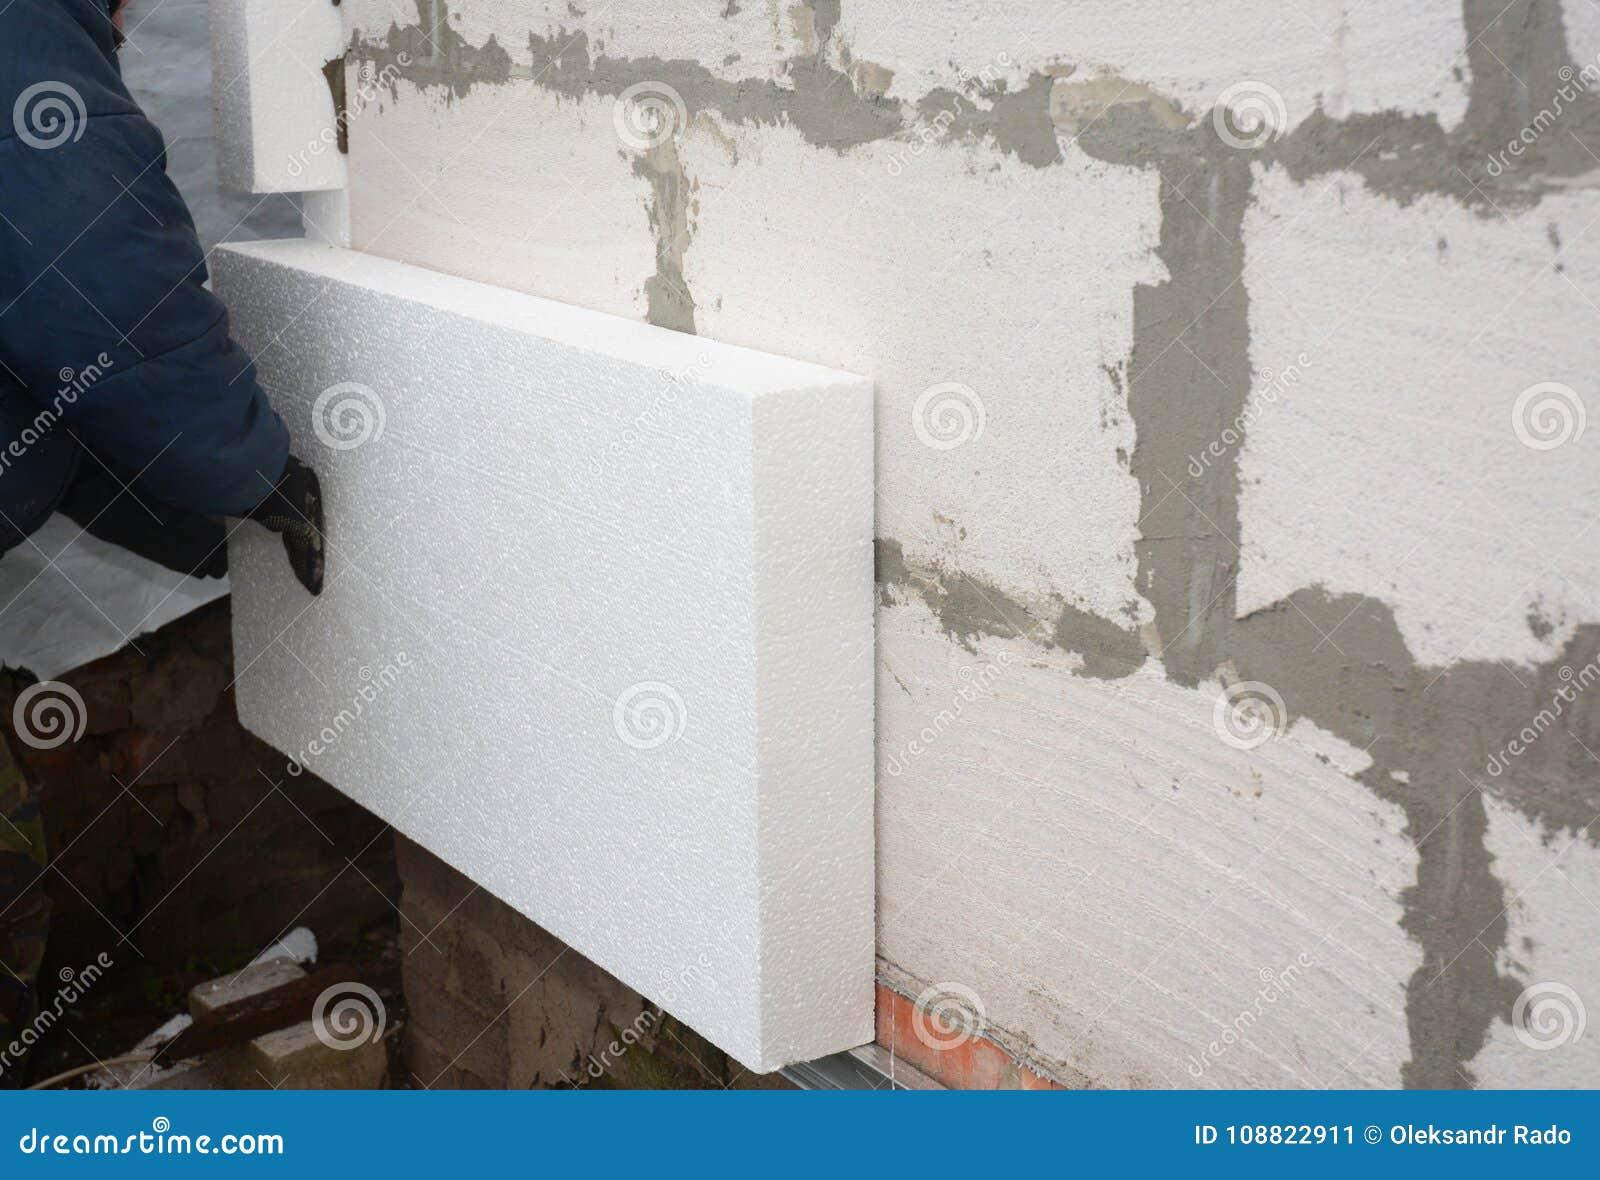 Builder Installing Rigid Styrofoam Insulation Board For